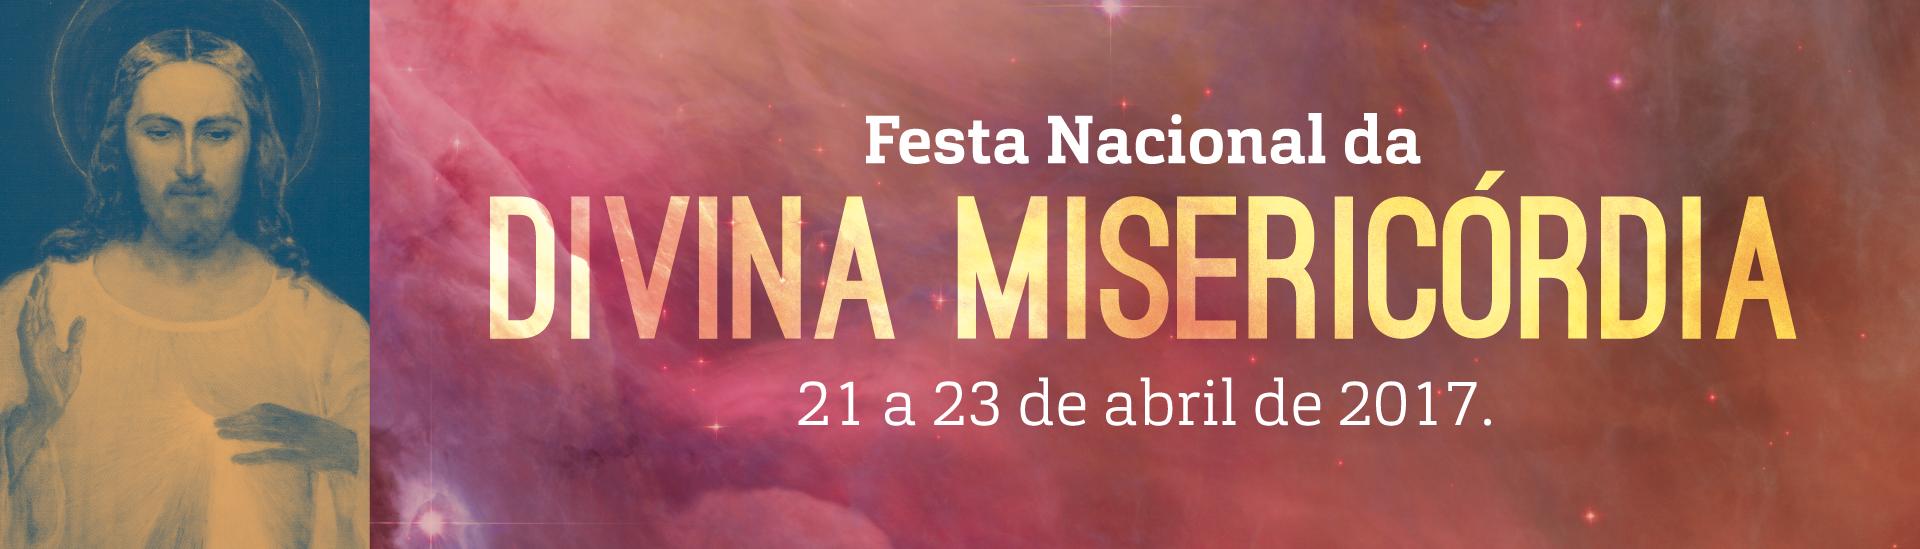 Festa da divina misericordia